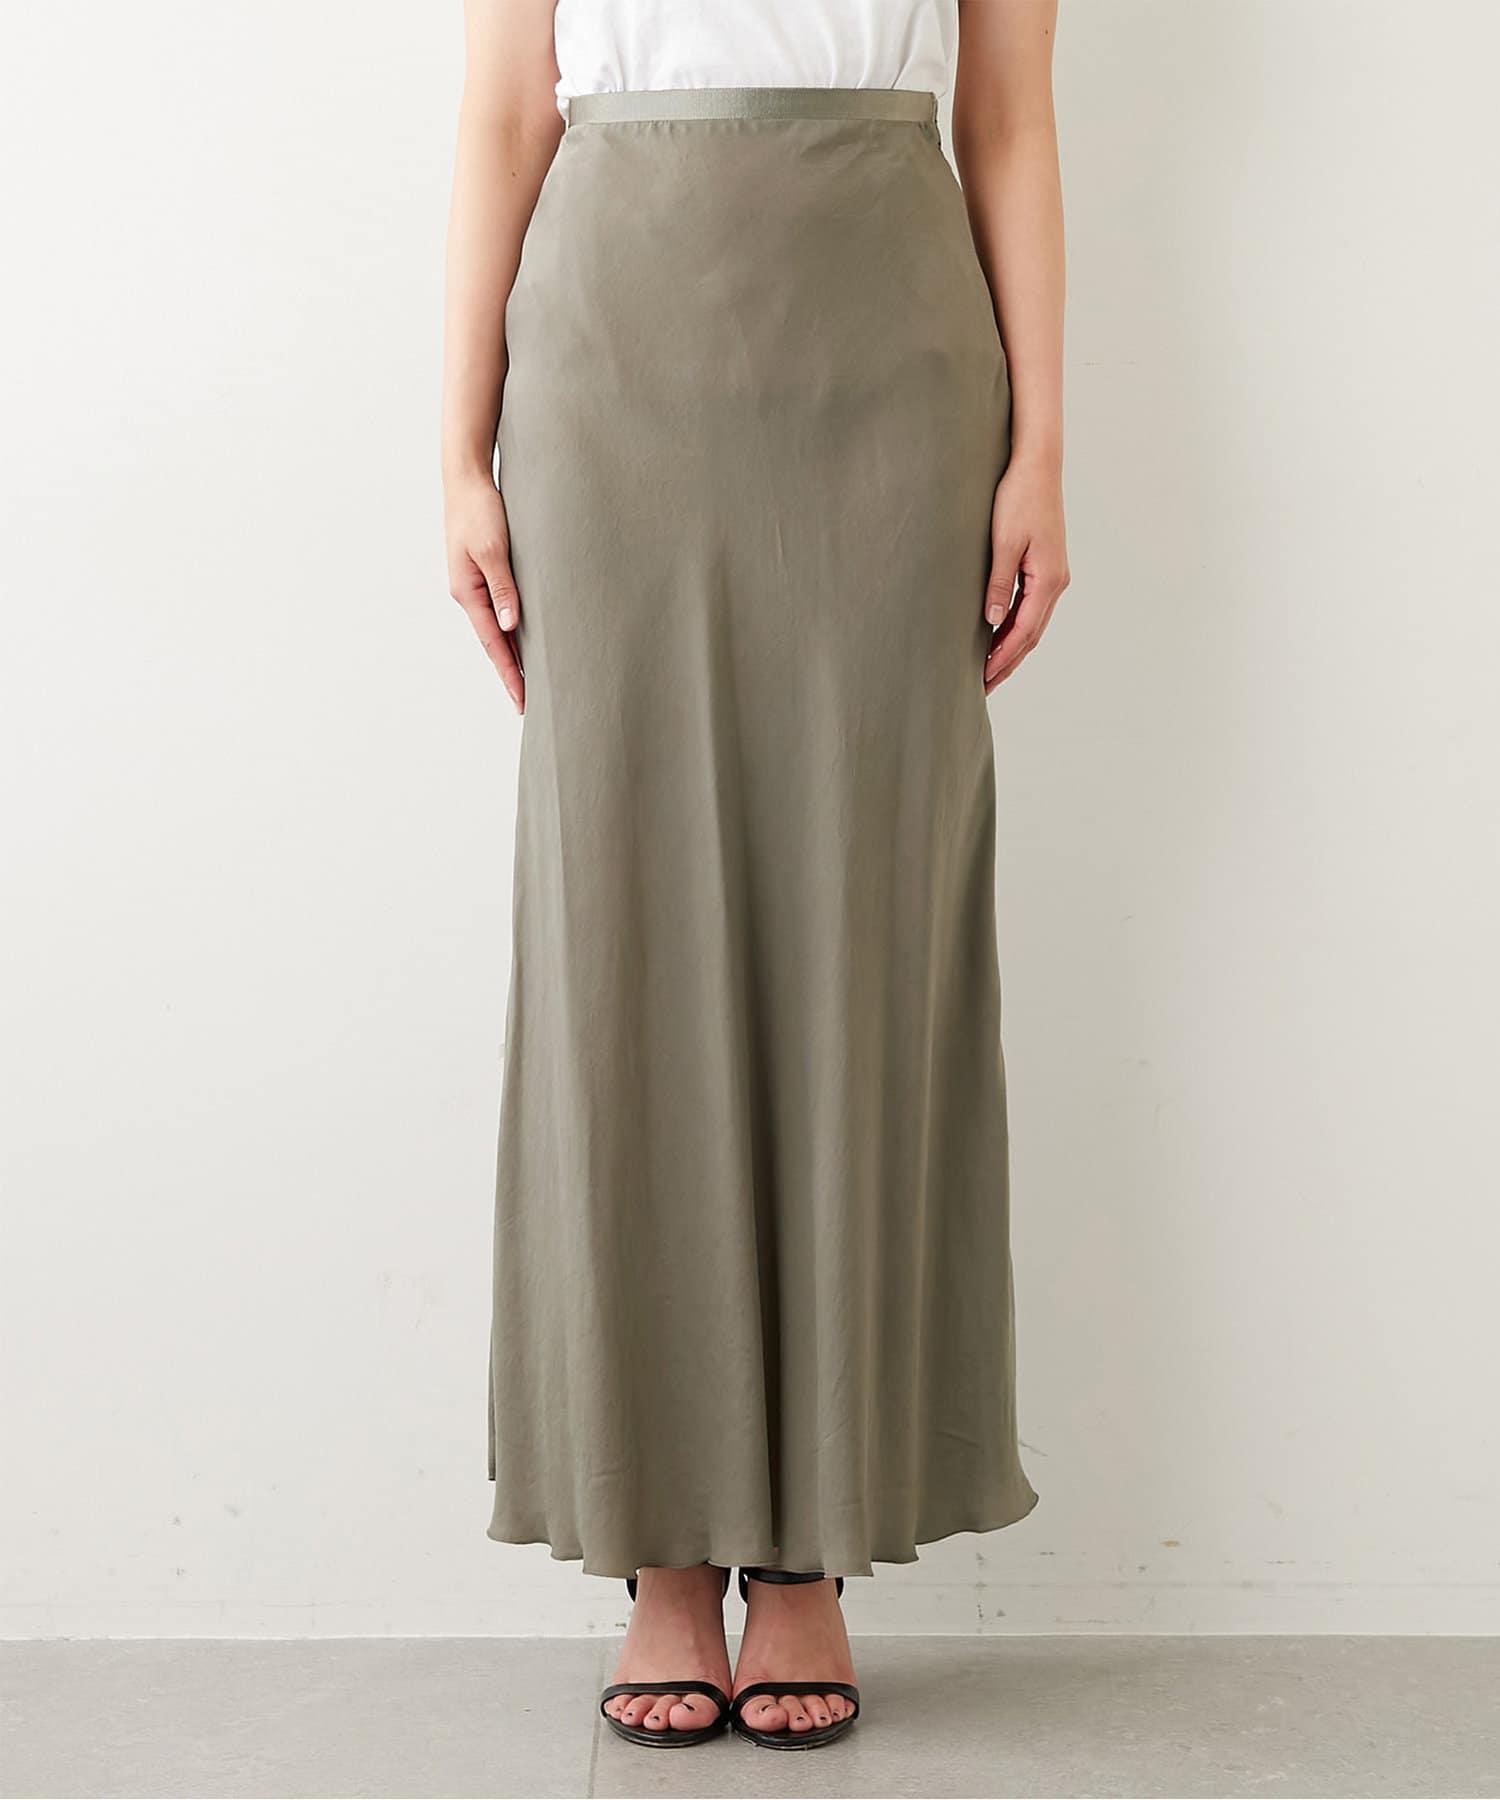 GALLARDAGALANTE(ガリャルダガランテ) キュプラマーメイドスカート